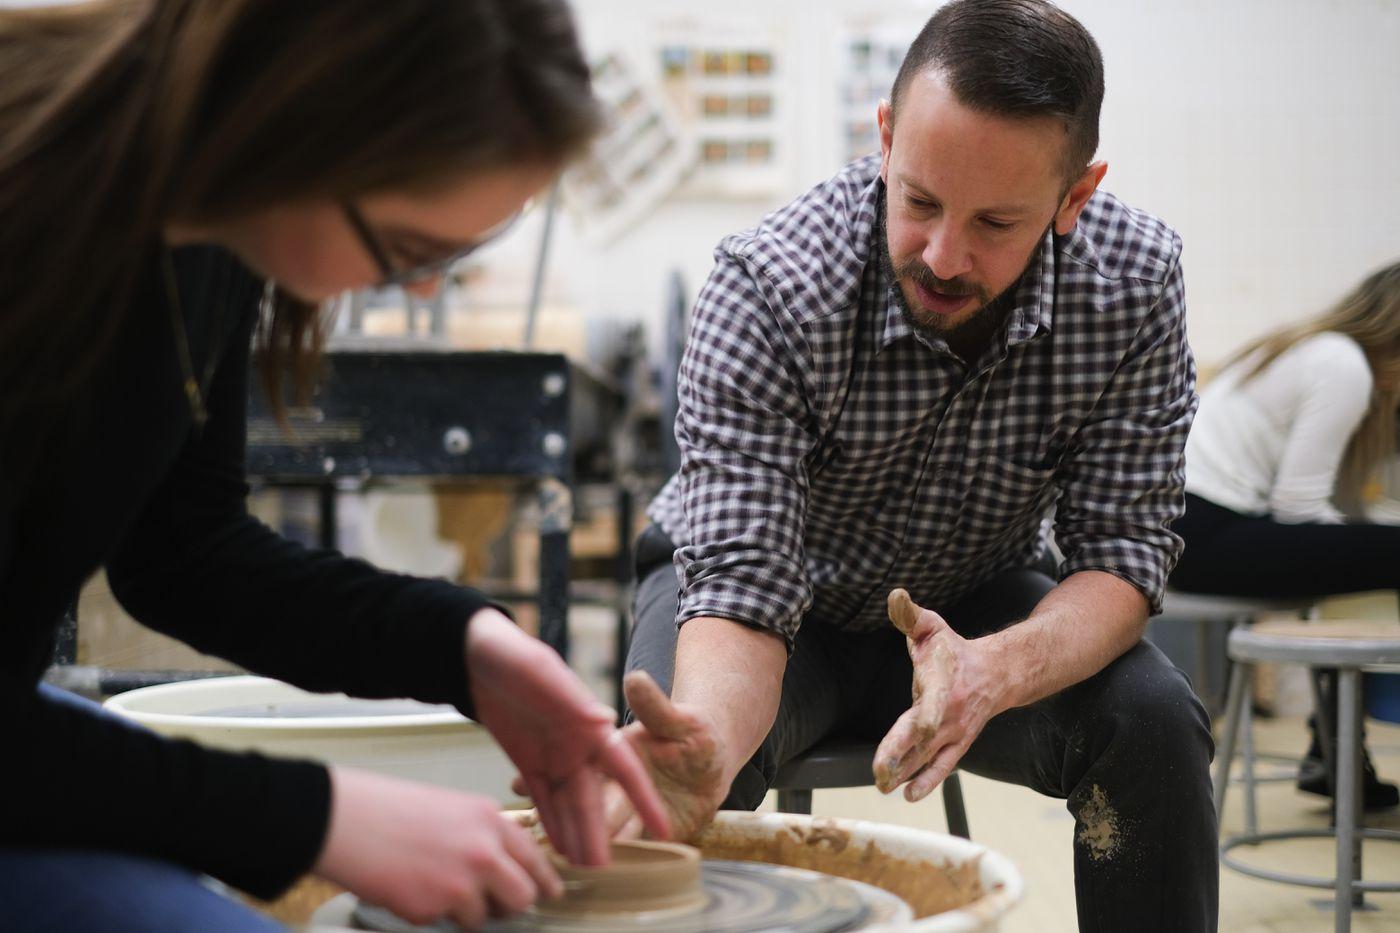 Jacob Bera teaches ceramics in his visual arts class at Eagle River High School. (NEA-Alaska / Levi Brown)